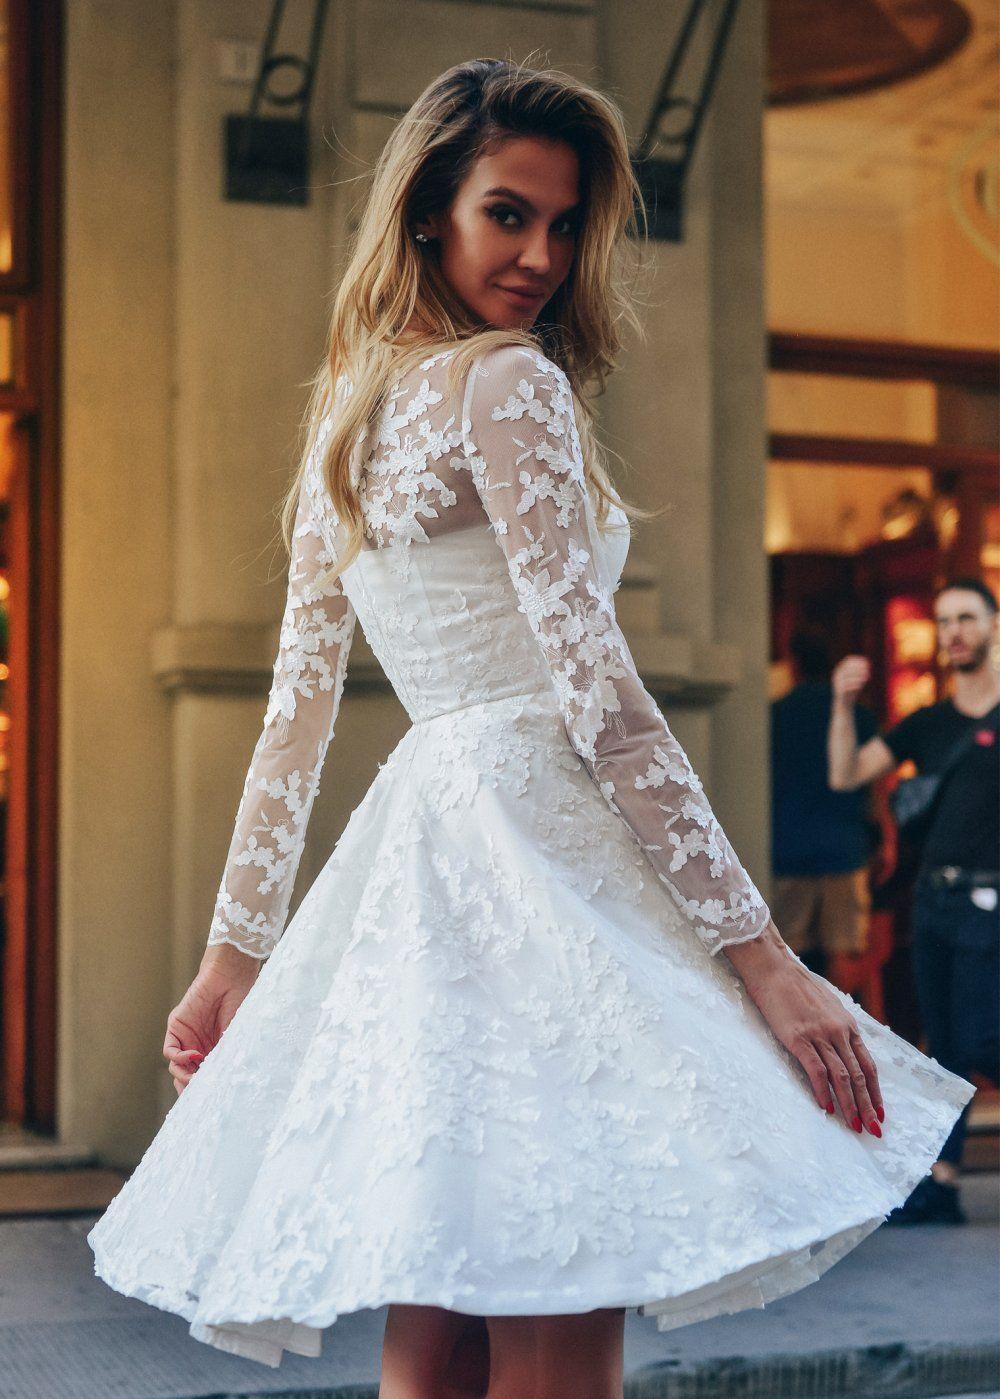 1f1cad3580d Короткое белое платье из кружева с юбкой солнце-клеш и длинным рукавом  NN047 купить в интернет-магазине TobeBride